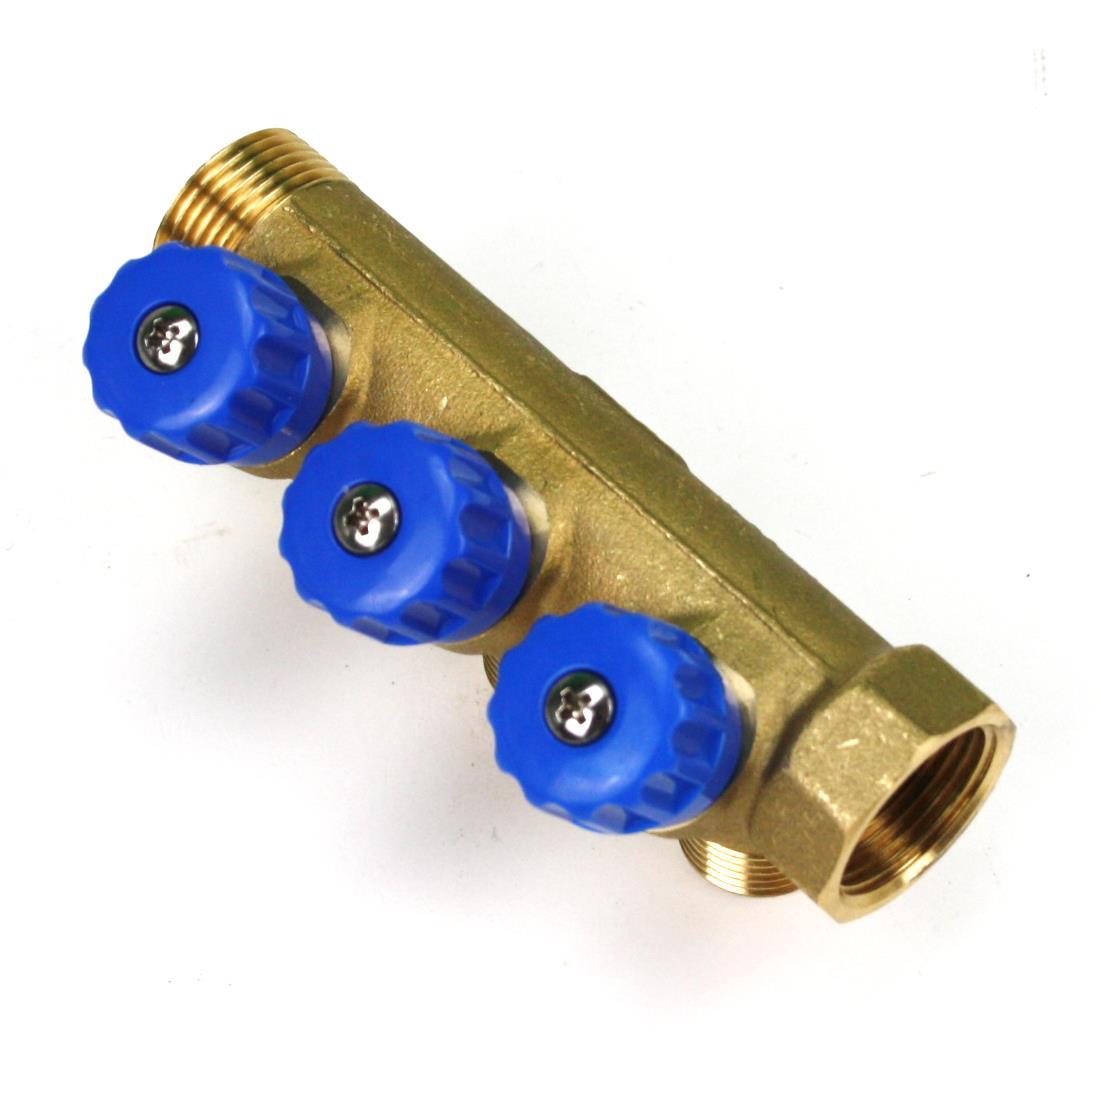 """Verteiler 3-Fach mit Absperrventil Blau Sanitär 3/4"""" x 1/2"""" Wasser Heizung  ,Poletti,C32300TB35, 8025459029725"""